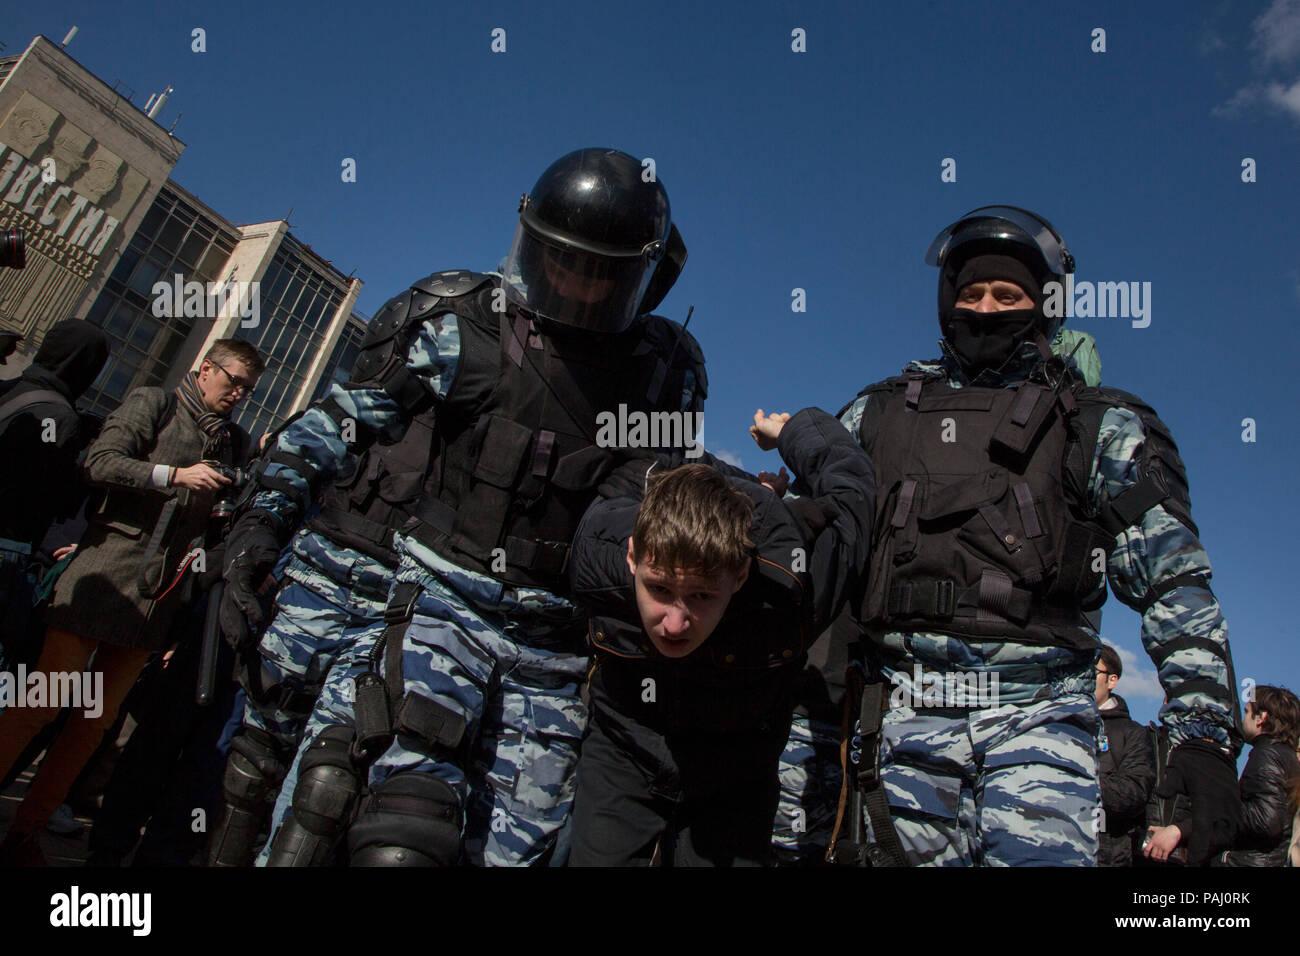 Polizisten ein junger Mann während einer Opposition Rallye am Puschkin-Platz im Zentrum von Moskau, Russland, 26. März 2017 festhalten Stockbild